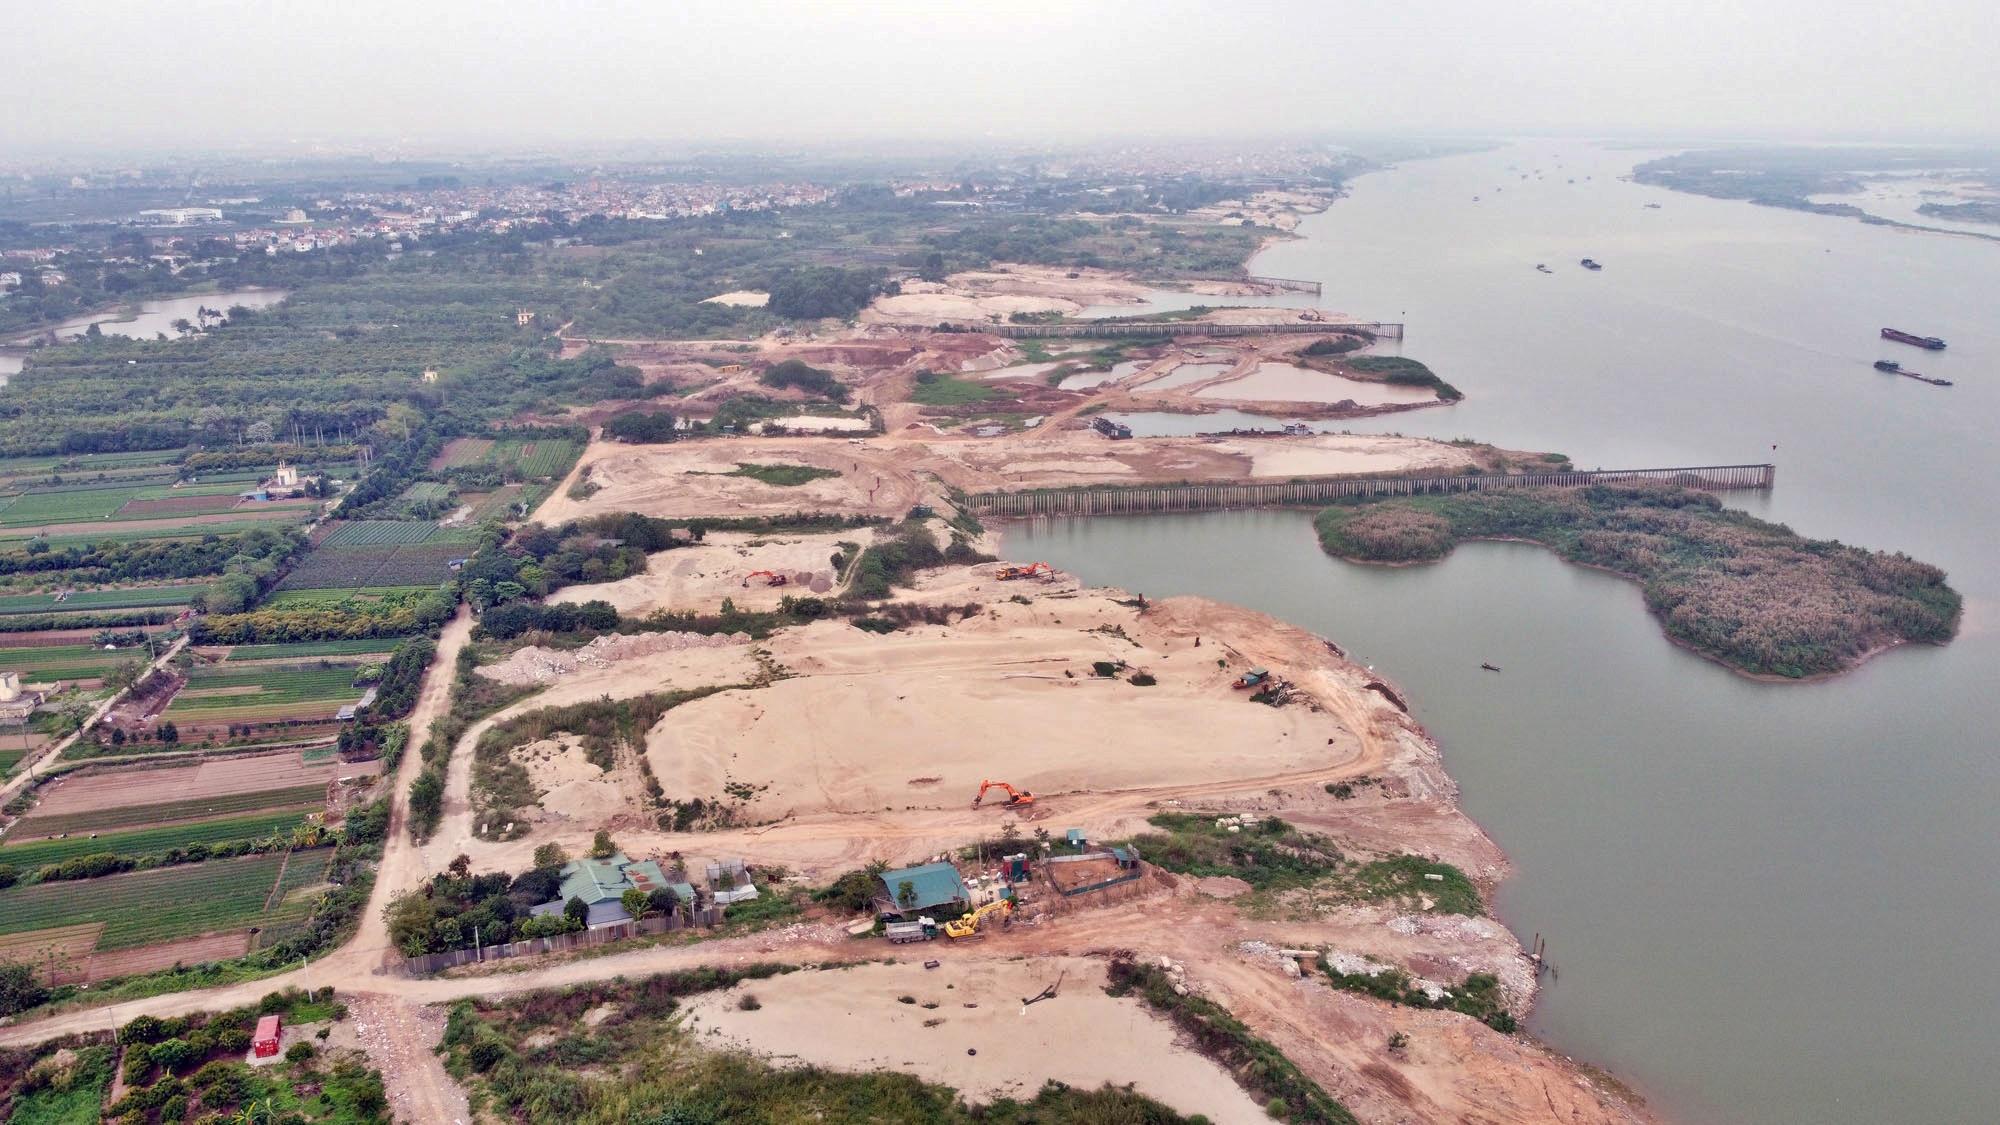 Toàn cảnh hiện trạng Phân khu đô thị sông Hồng trên địa bàn quận Bắc Từ Liêm - Ảnh 13.